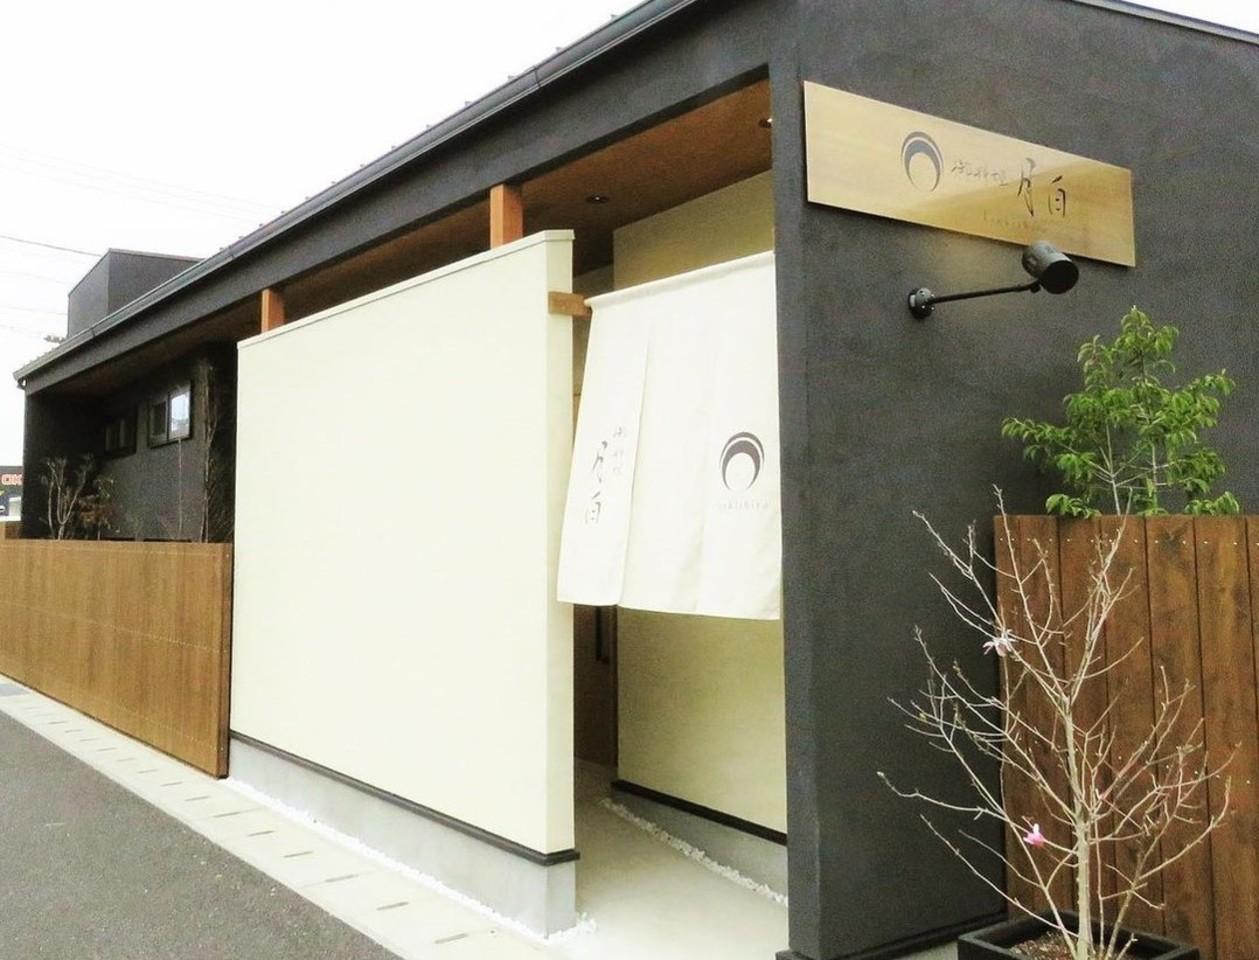 愛媛県松山市富久町に和食店「御料理 月白」が本日オープンされたようです。